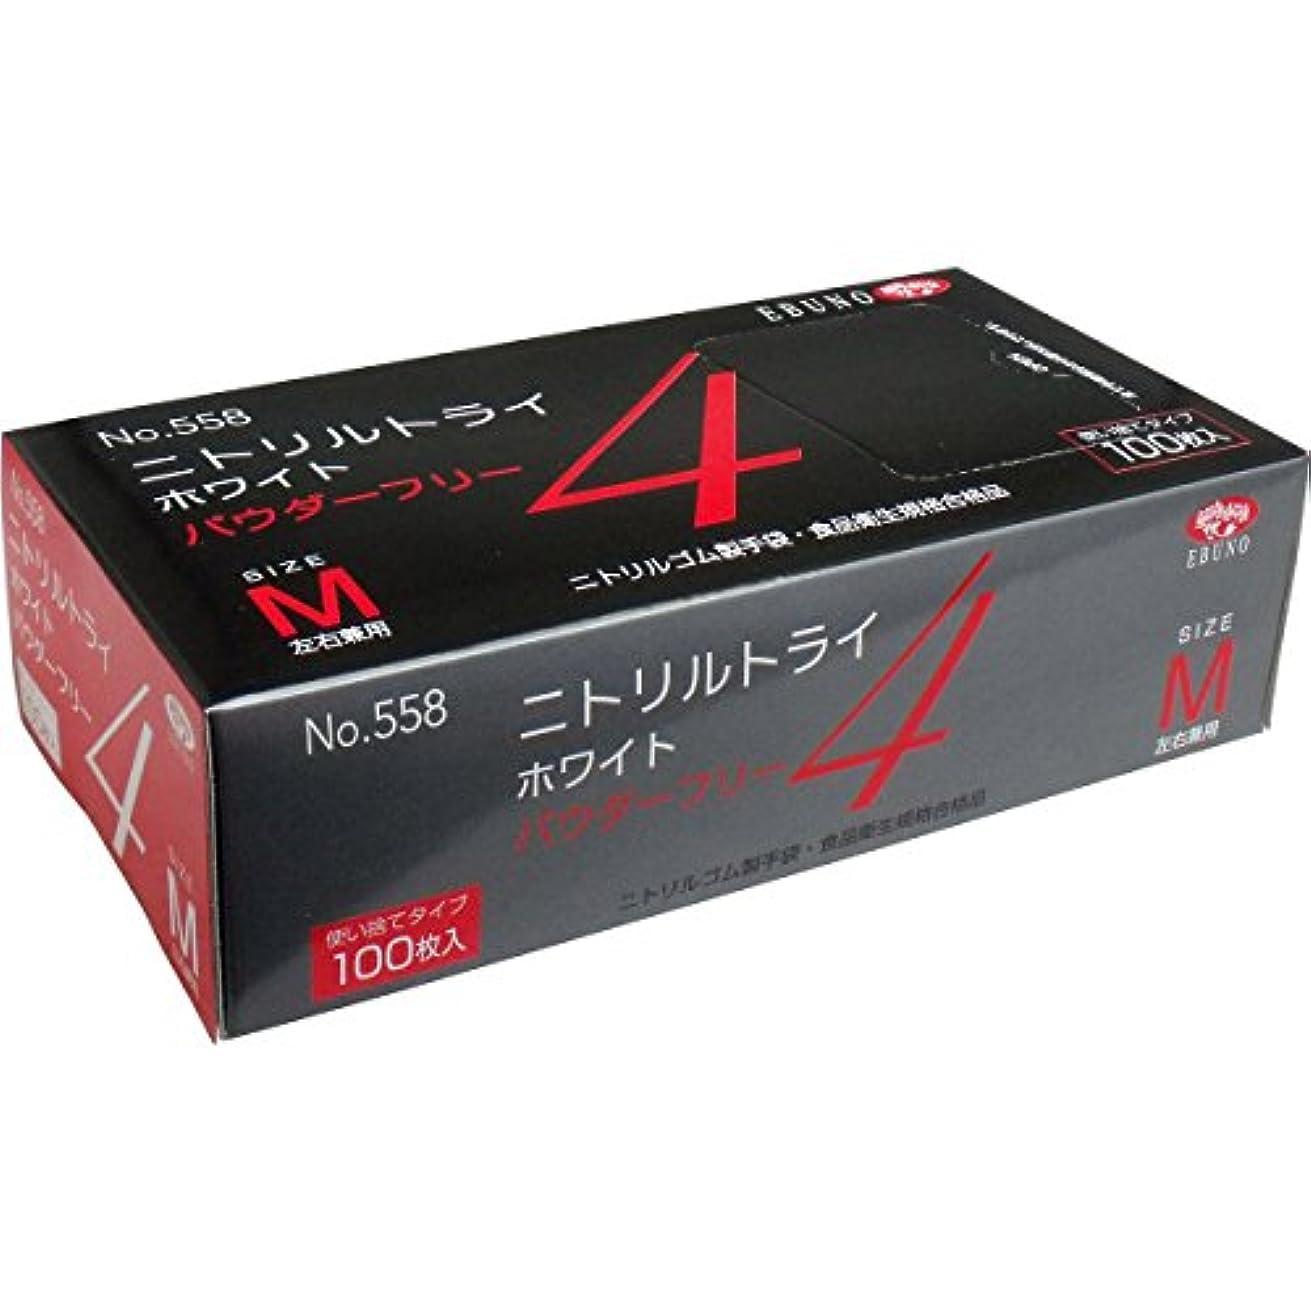 適切なよりバレーボールニトリルトライ4 手袋 ホワイト パウダーフリー Mサイズ 100枚入×10個セット